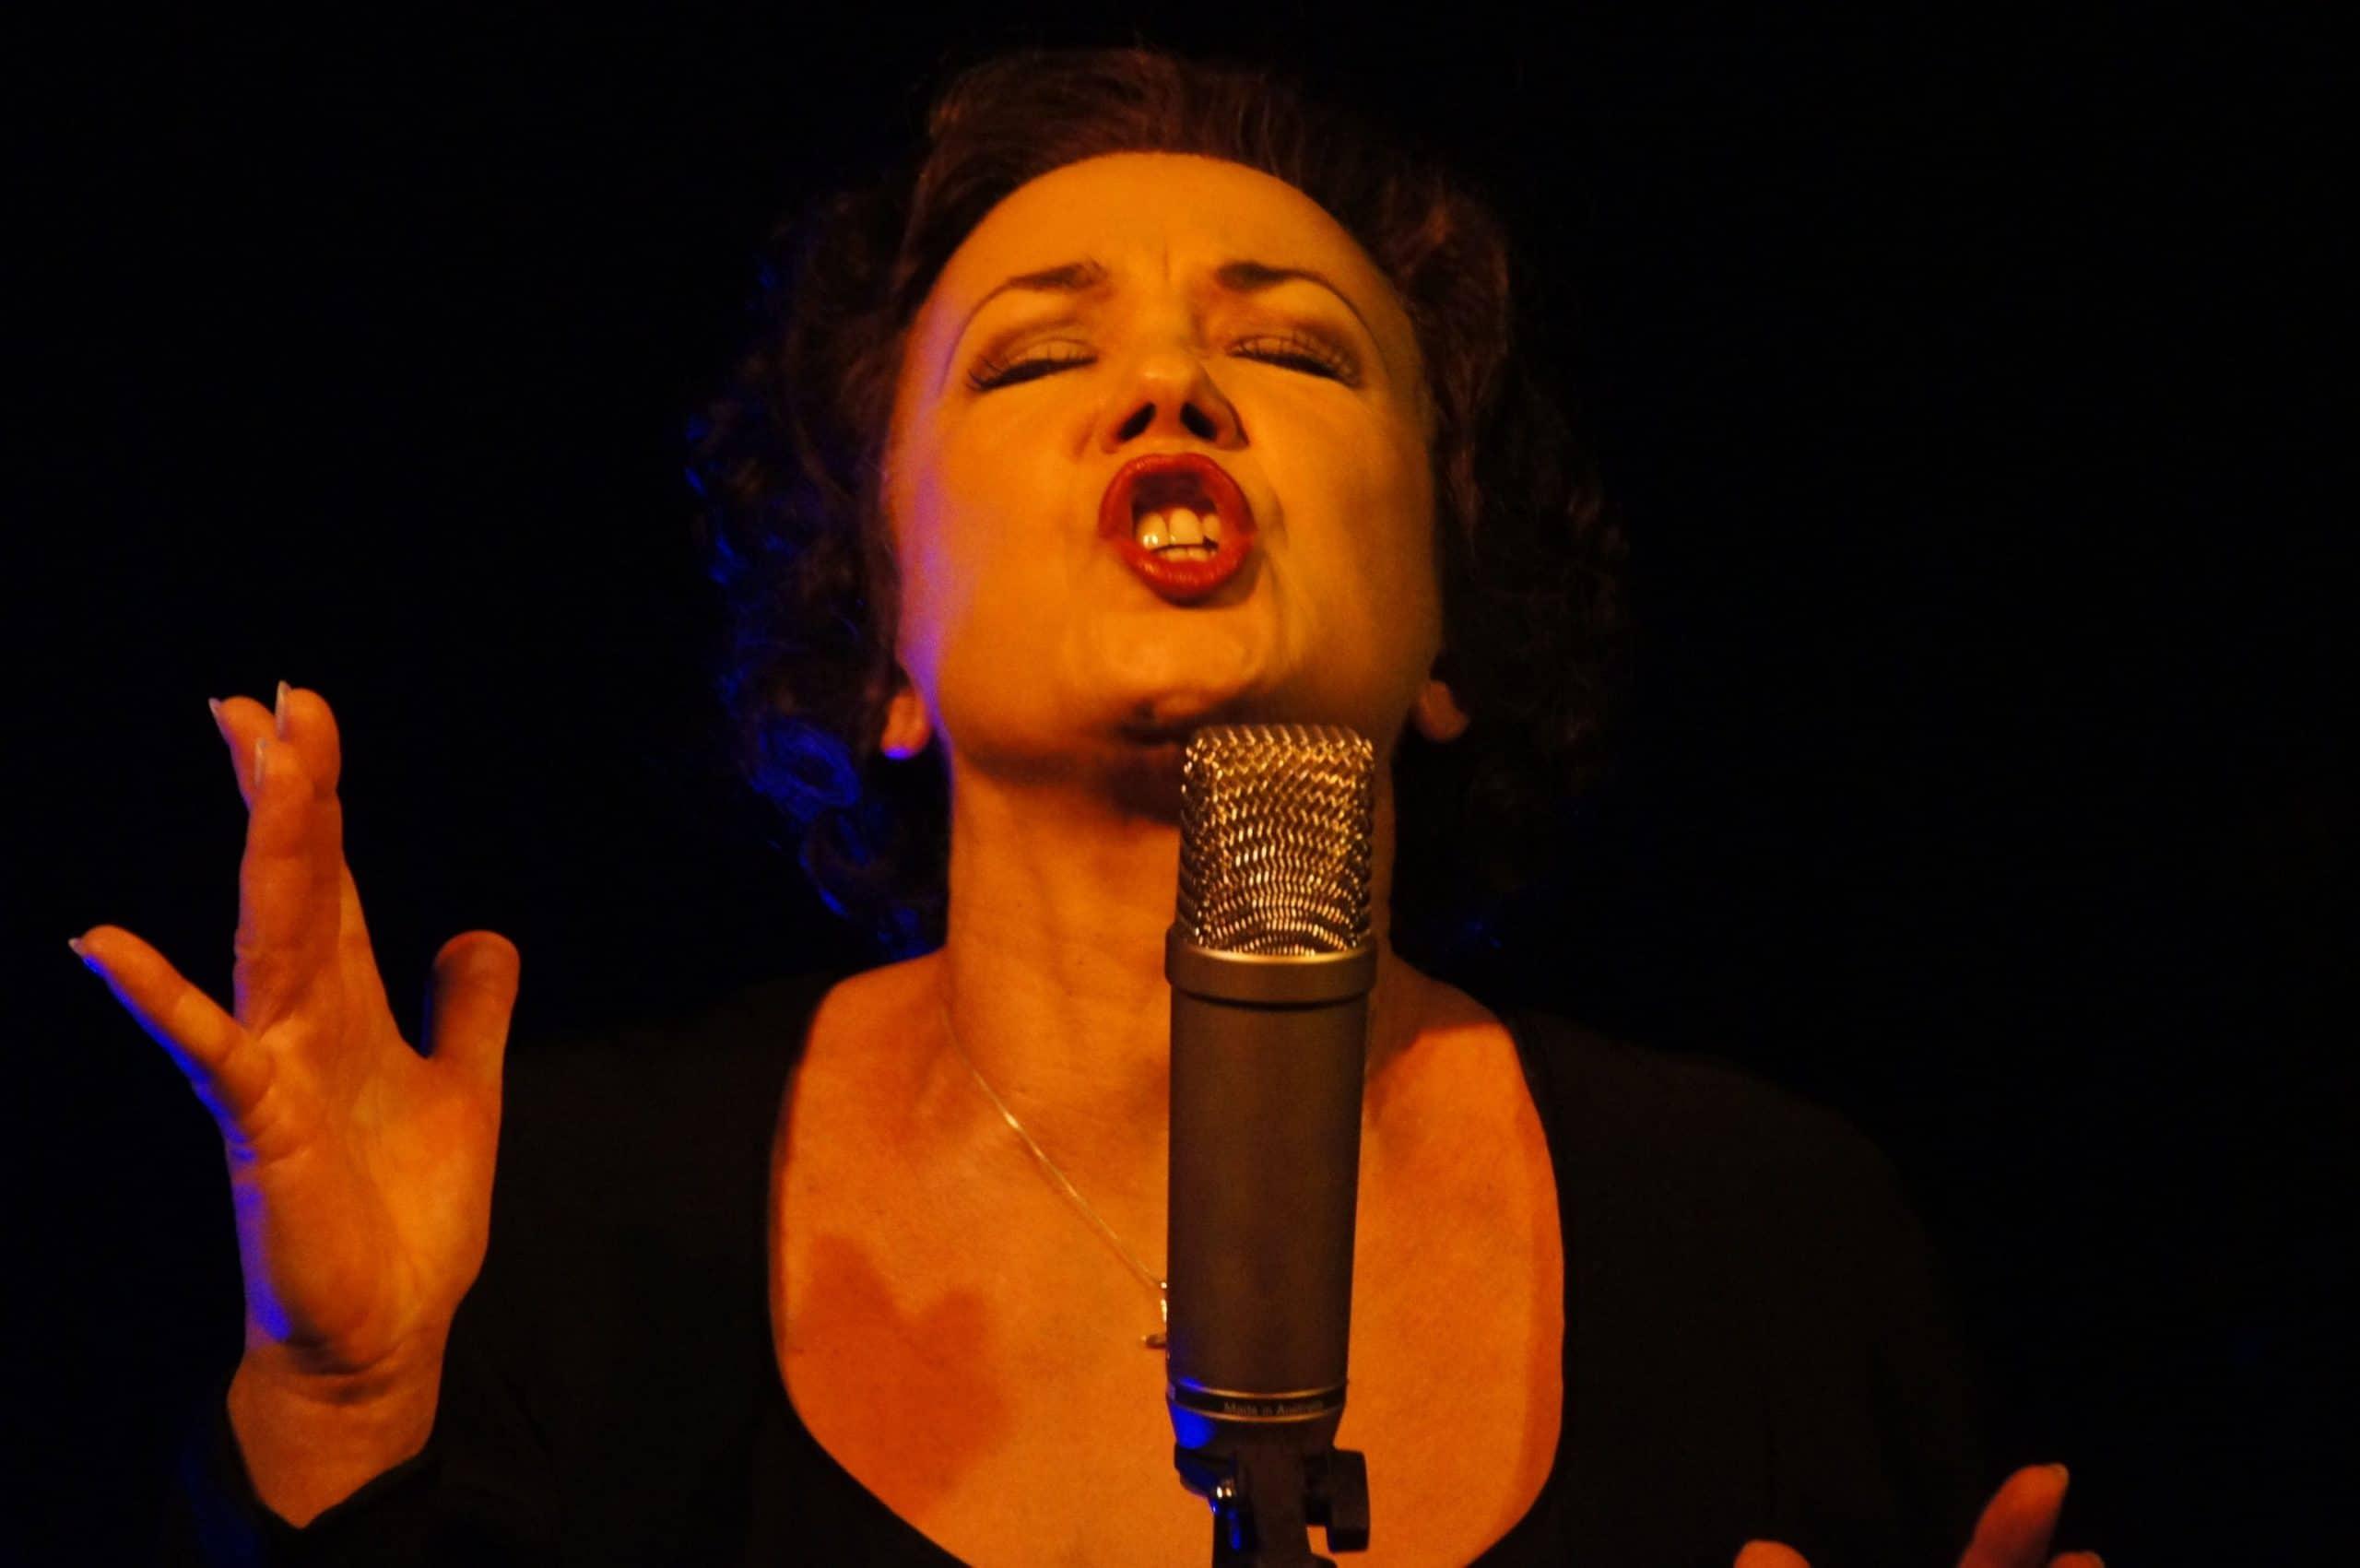 Mulher cantando cheia de emoção.